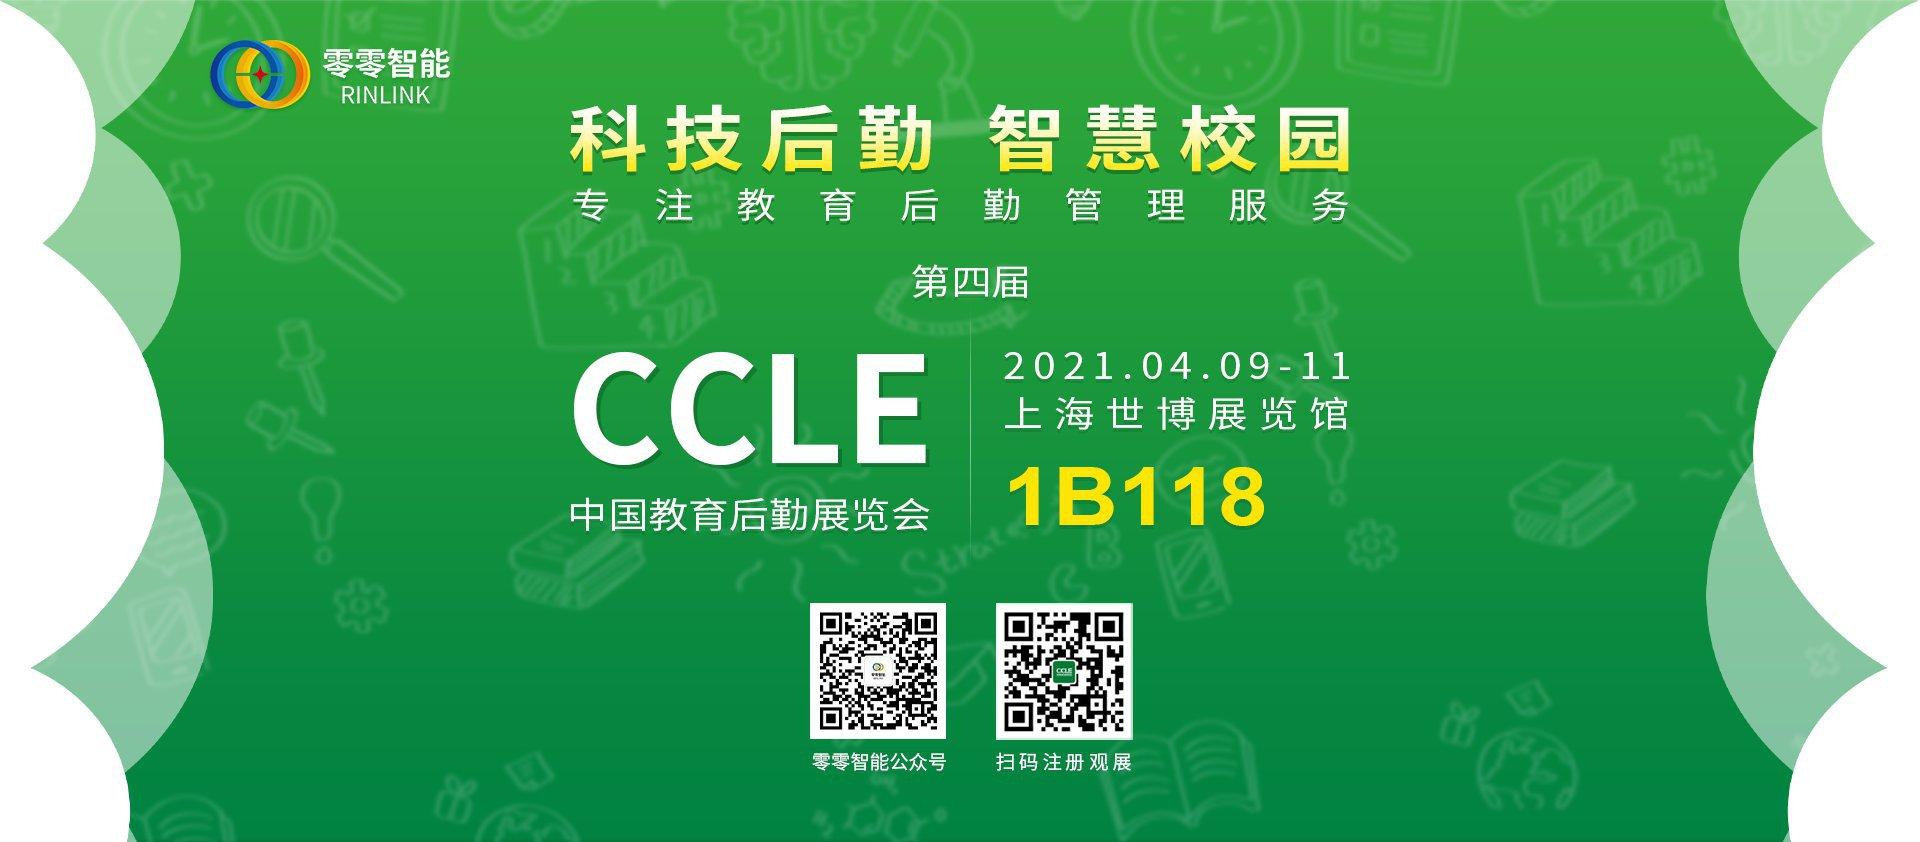 科技后勤 智慧校园丨零零智能诚邀您参加第四届中国教育后勤展览会